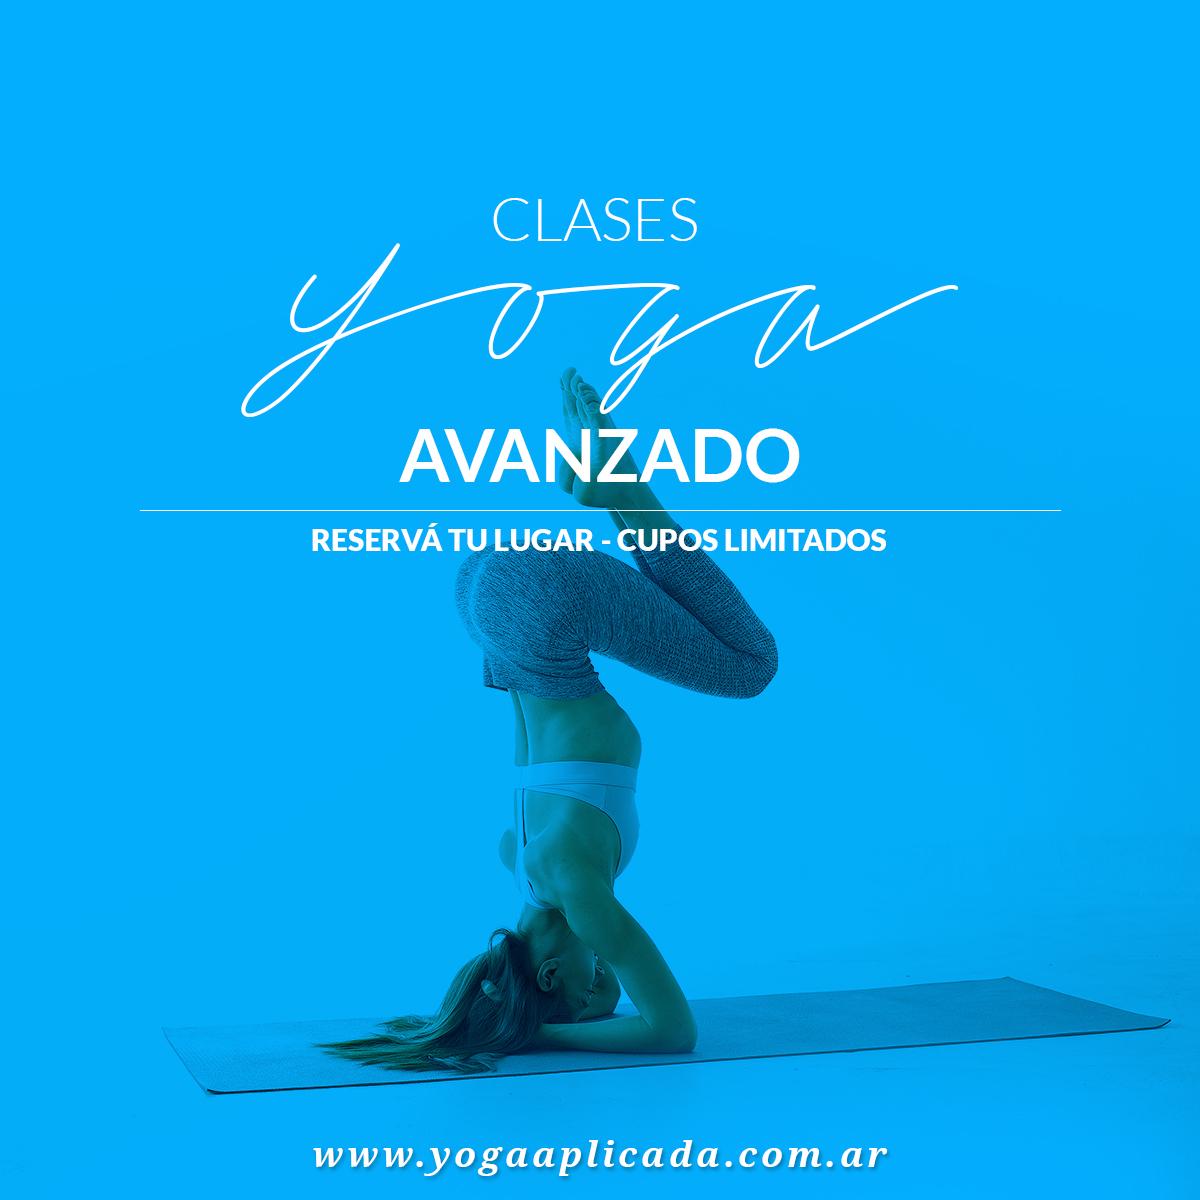 clases yoga avanzado paraná